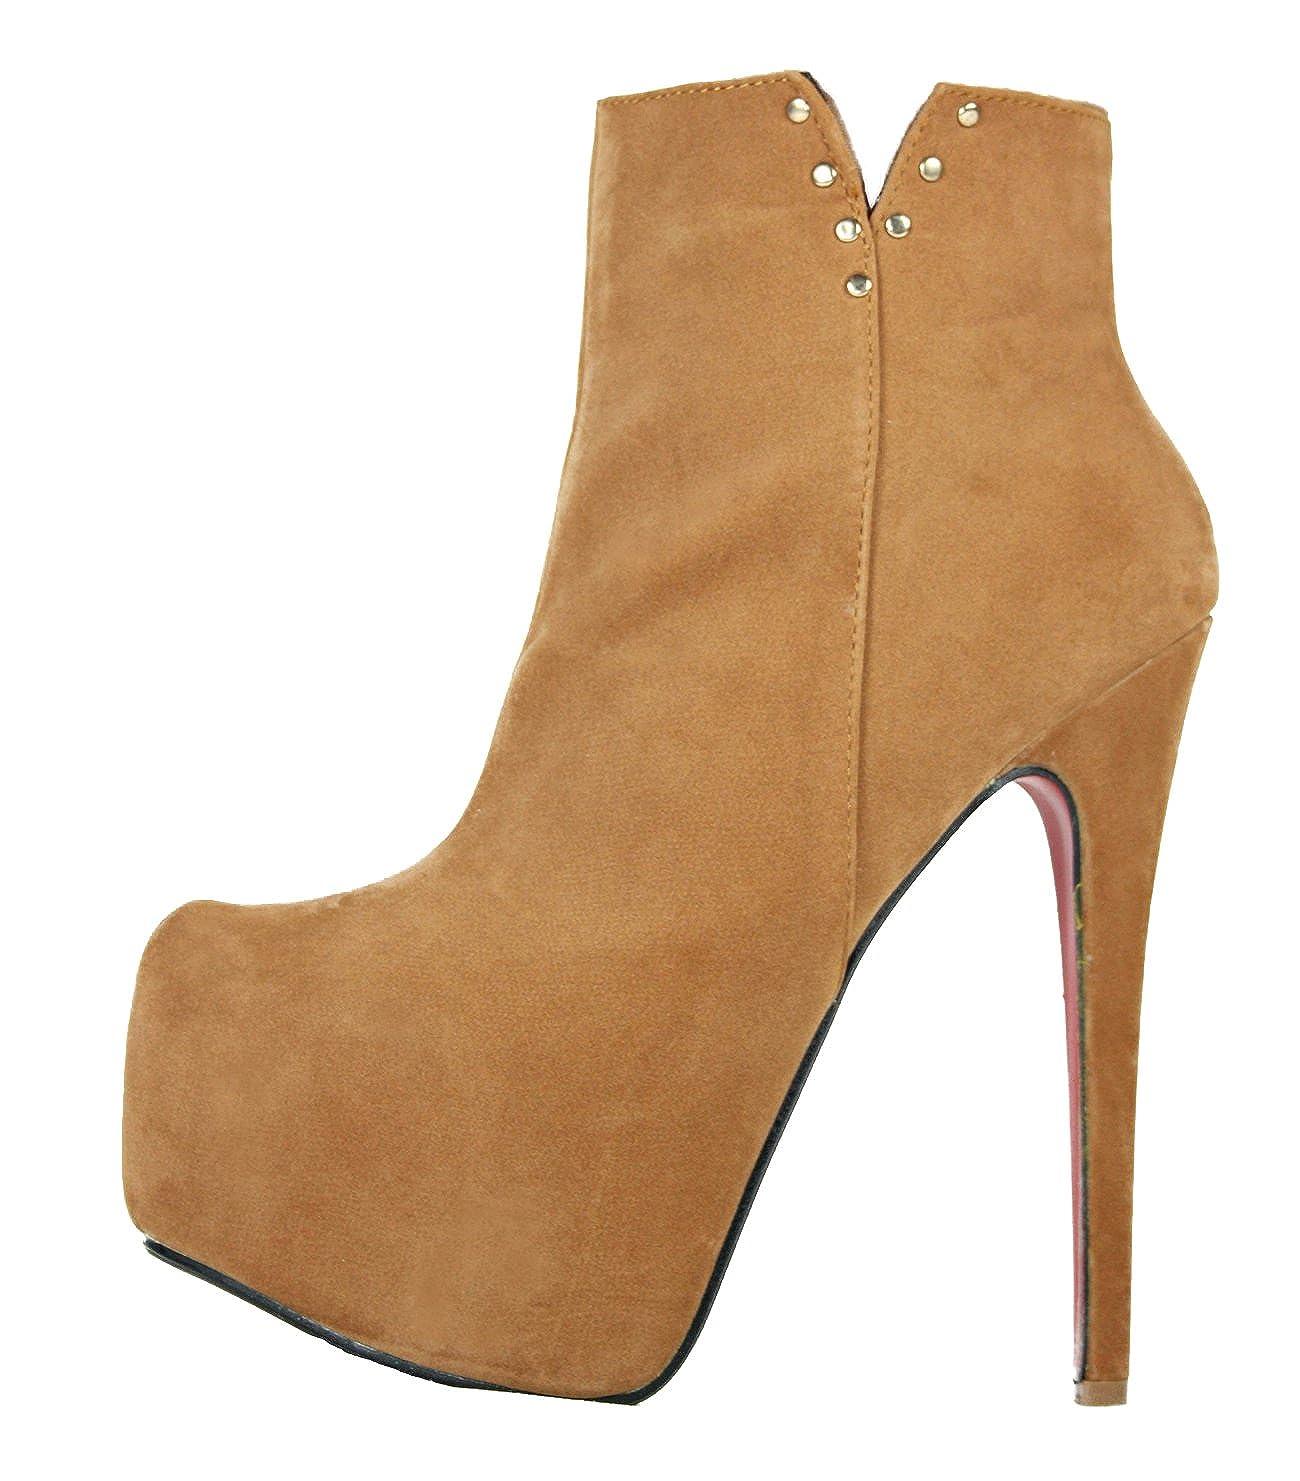 High Heels Stiefelette im Italy Design Plateau 16 cm Stiletto Absatz 10402